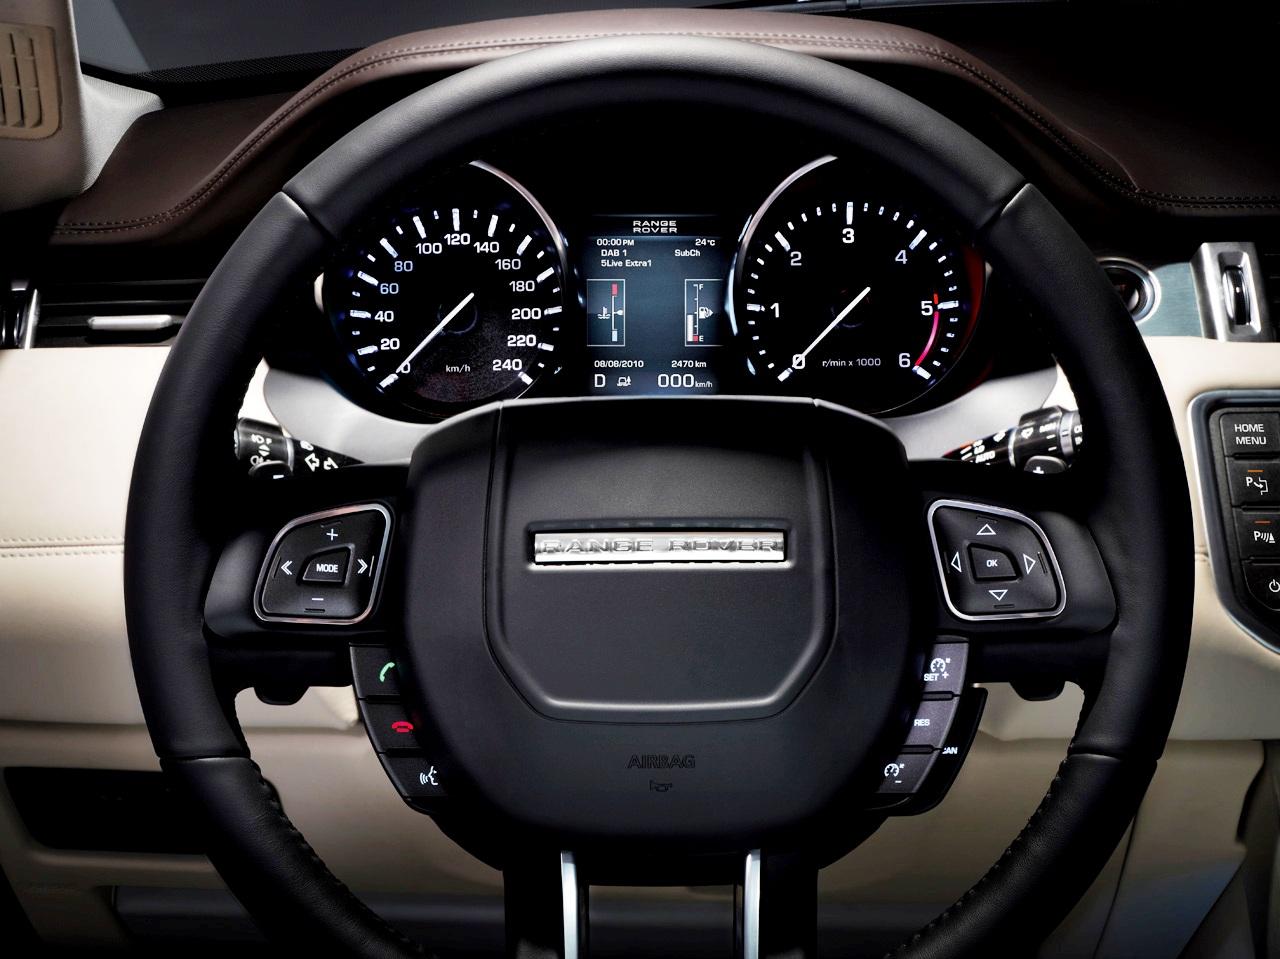 http://4.bp.blogspot.com/-FsL1GhJzemU/TnNWhVDxe-I/AAAAAAAAEeA/g8gAWzU4VsY/s1600/2012-Range-Rover-Evoque-Victoria-Beckham-Edition+%252818%2529.jpg